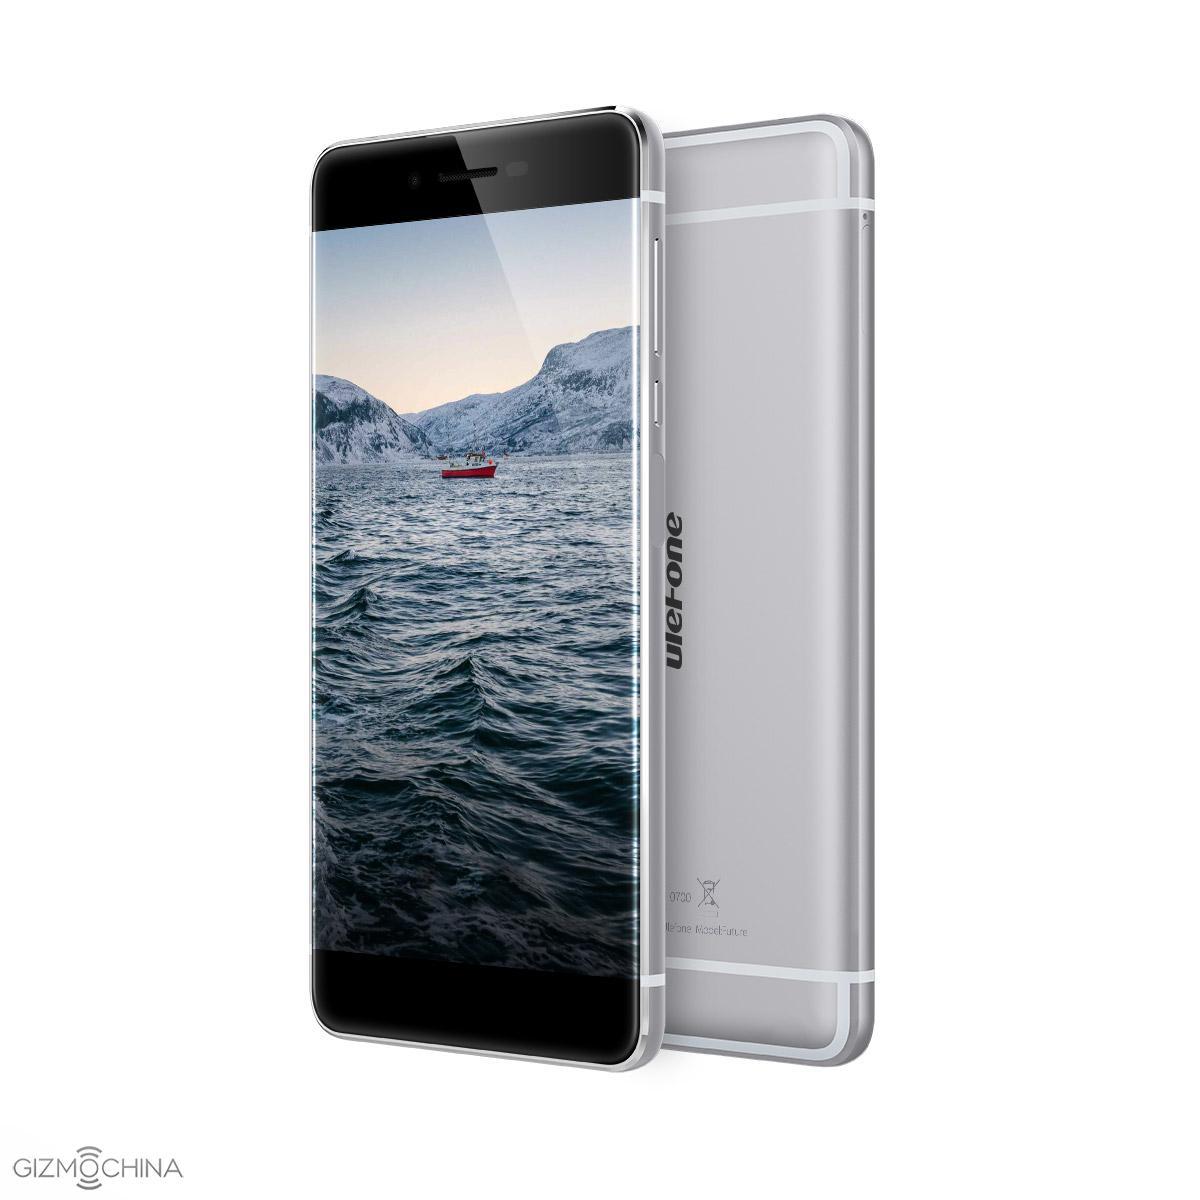 گوشی Ulefone Future با صفحه بدون حاشیه معرفی شد +عکس